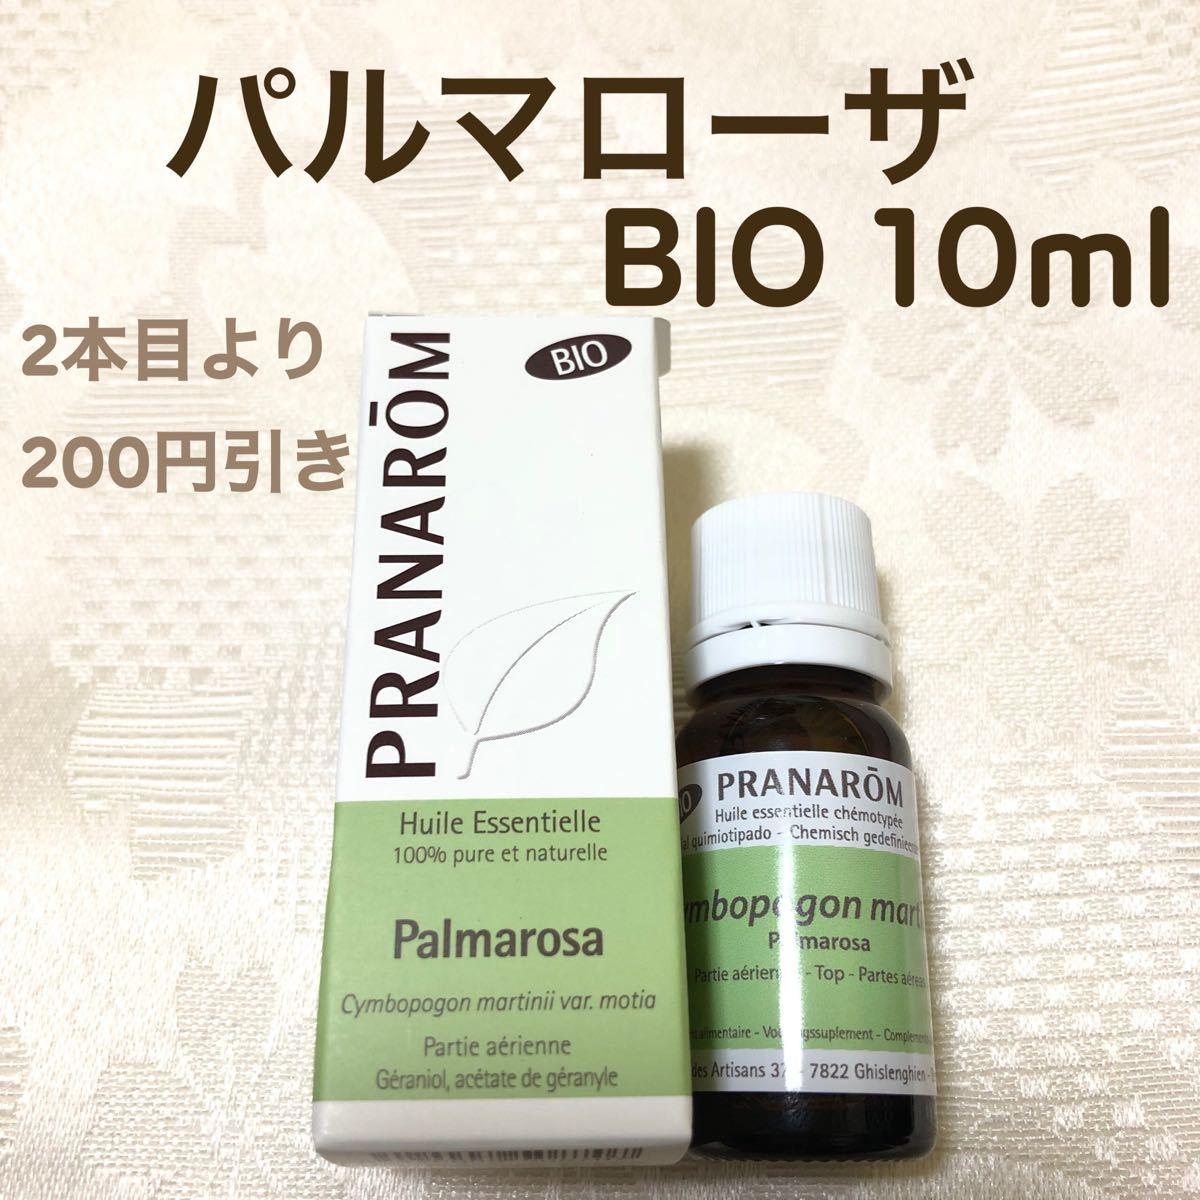 【パルマローザ BIO 】10ml プラナロム 精油